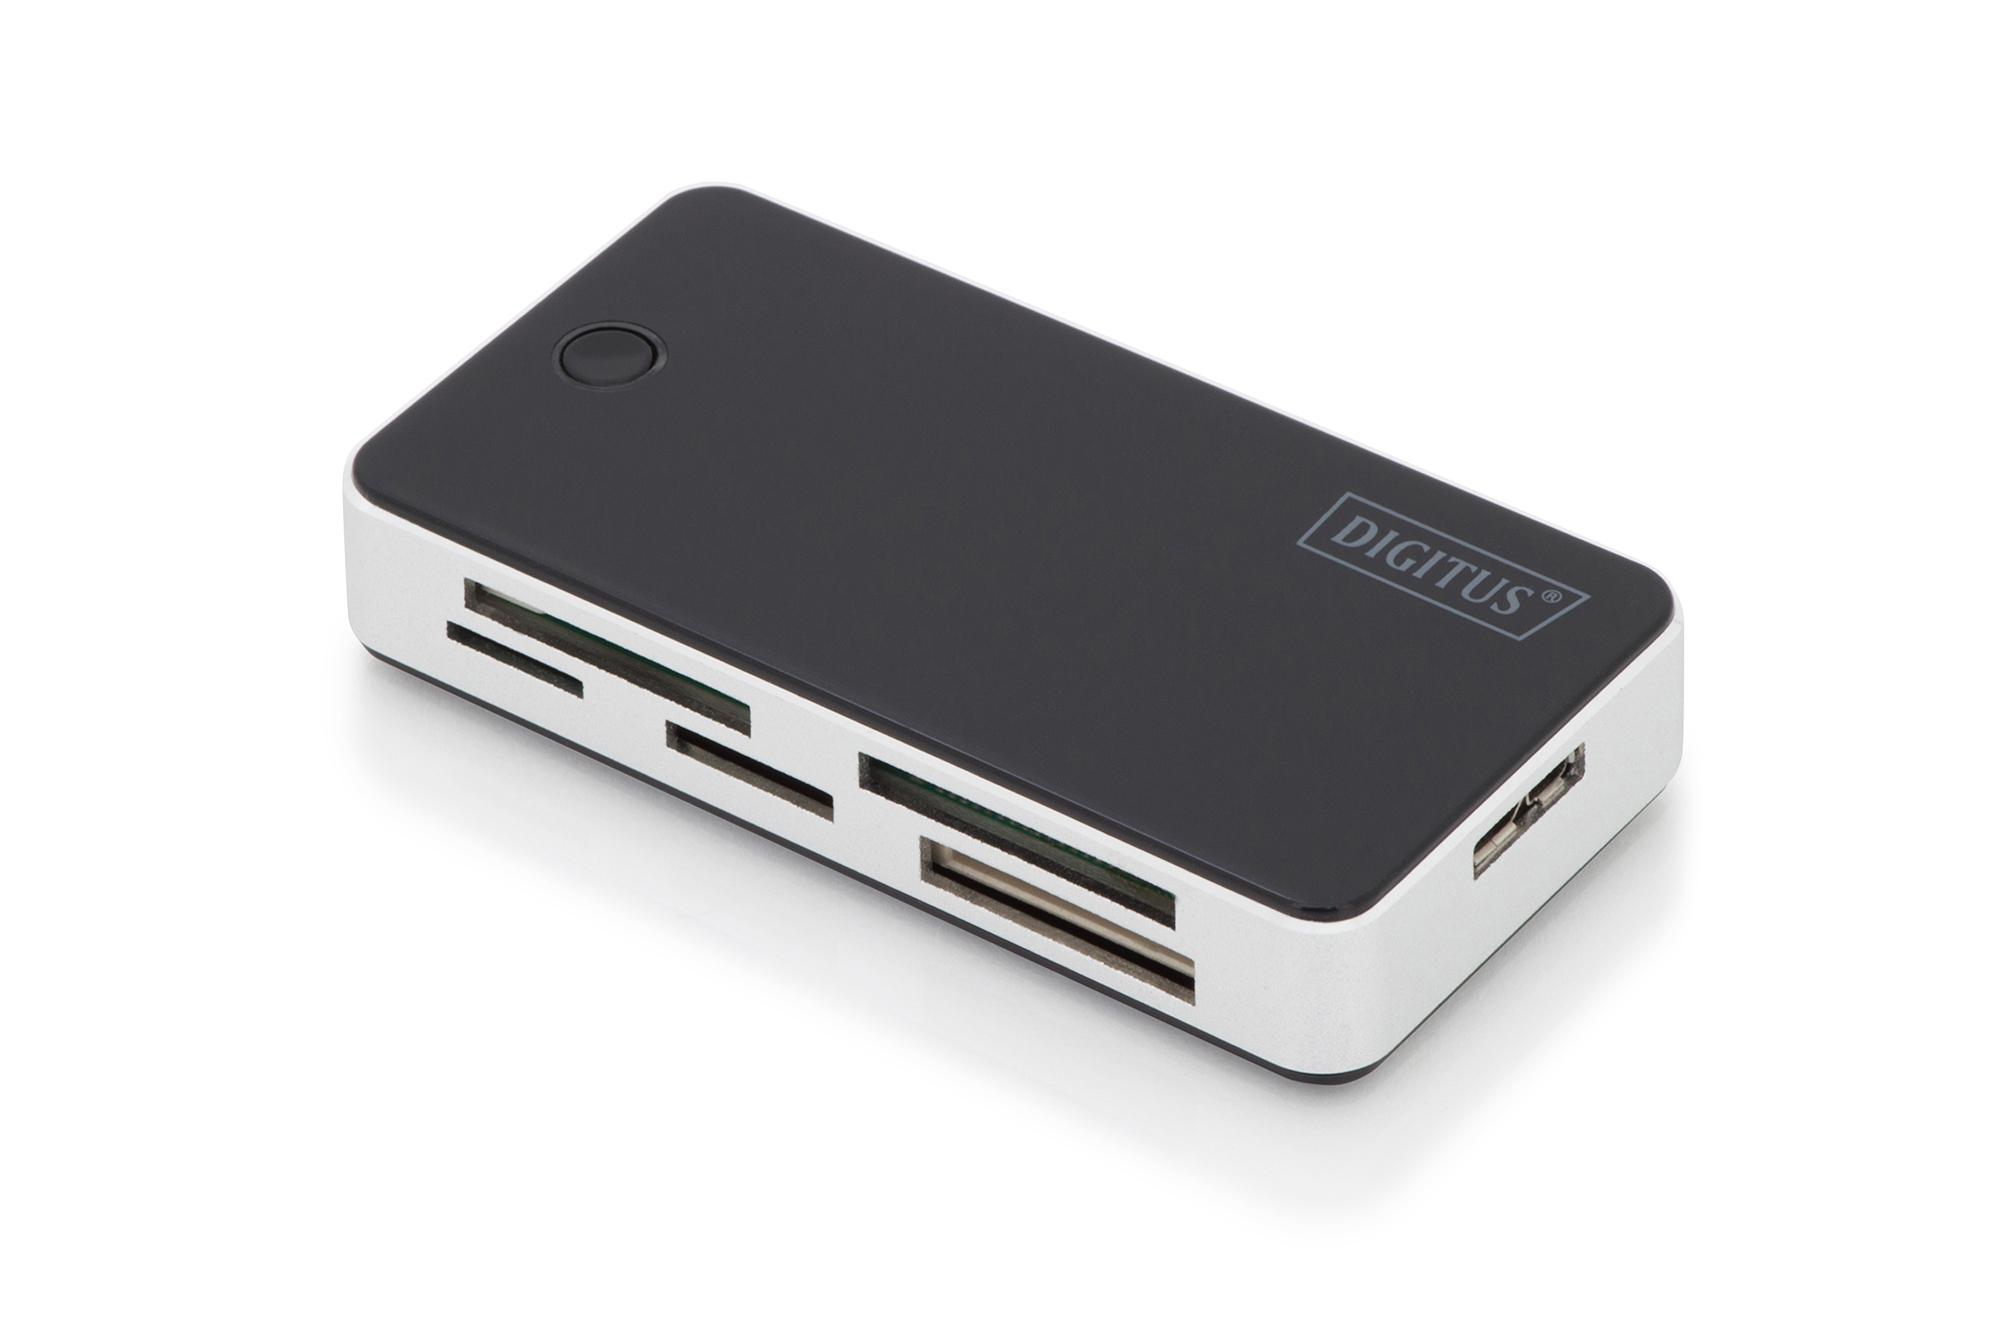 DIGITUS All-in-one Kartenlesegerät, USB 3.0